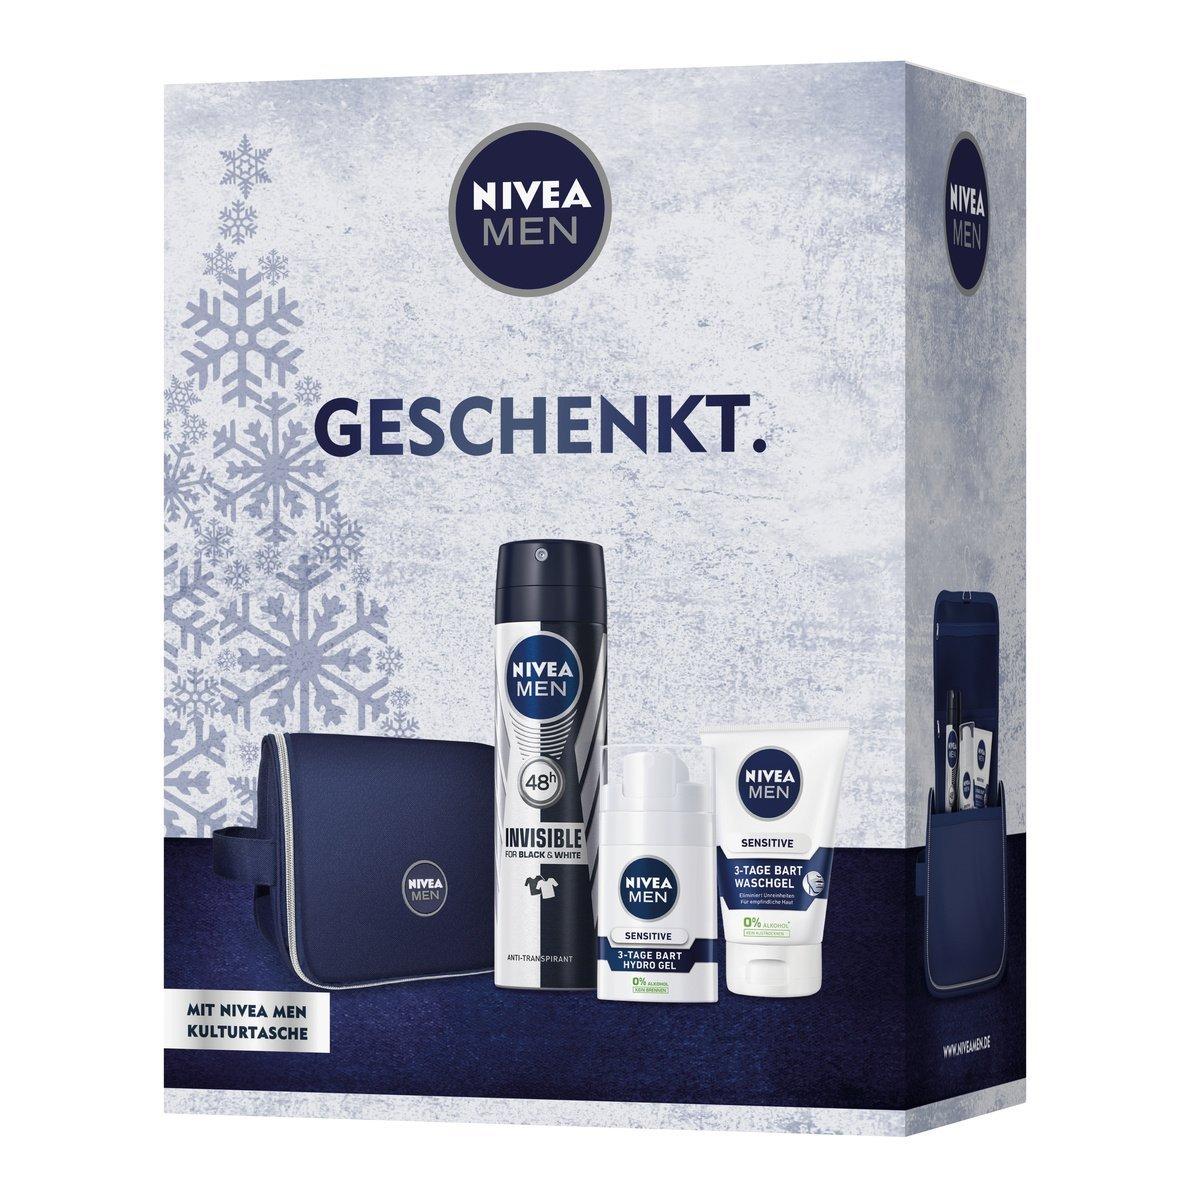 [Amazon Prime] 2 x Nivea Men Geschenkset durch Gutscheinkombi (6 zur Auswahl)